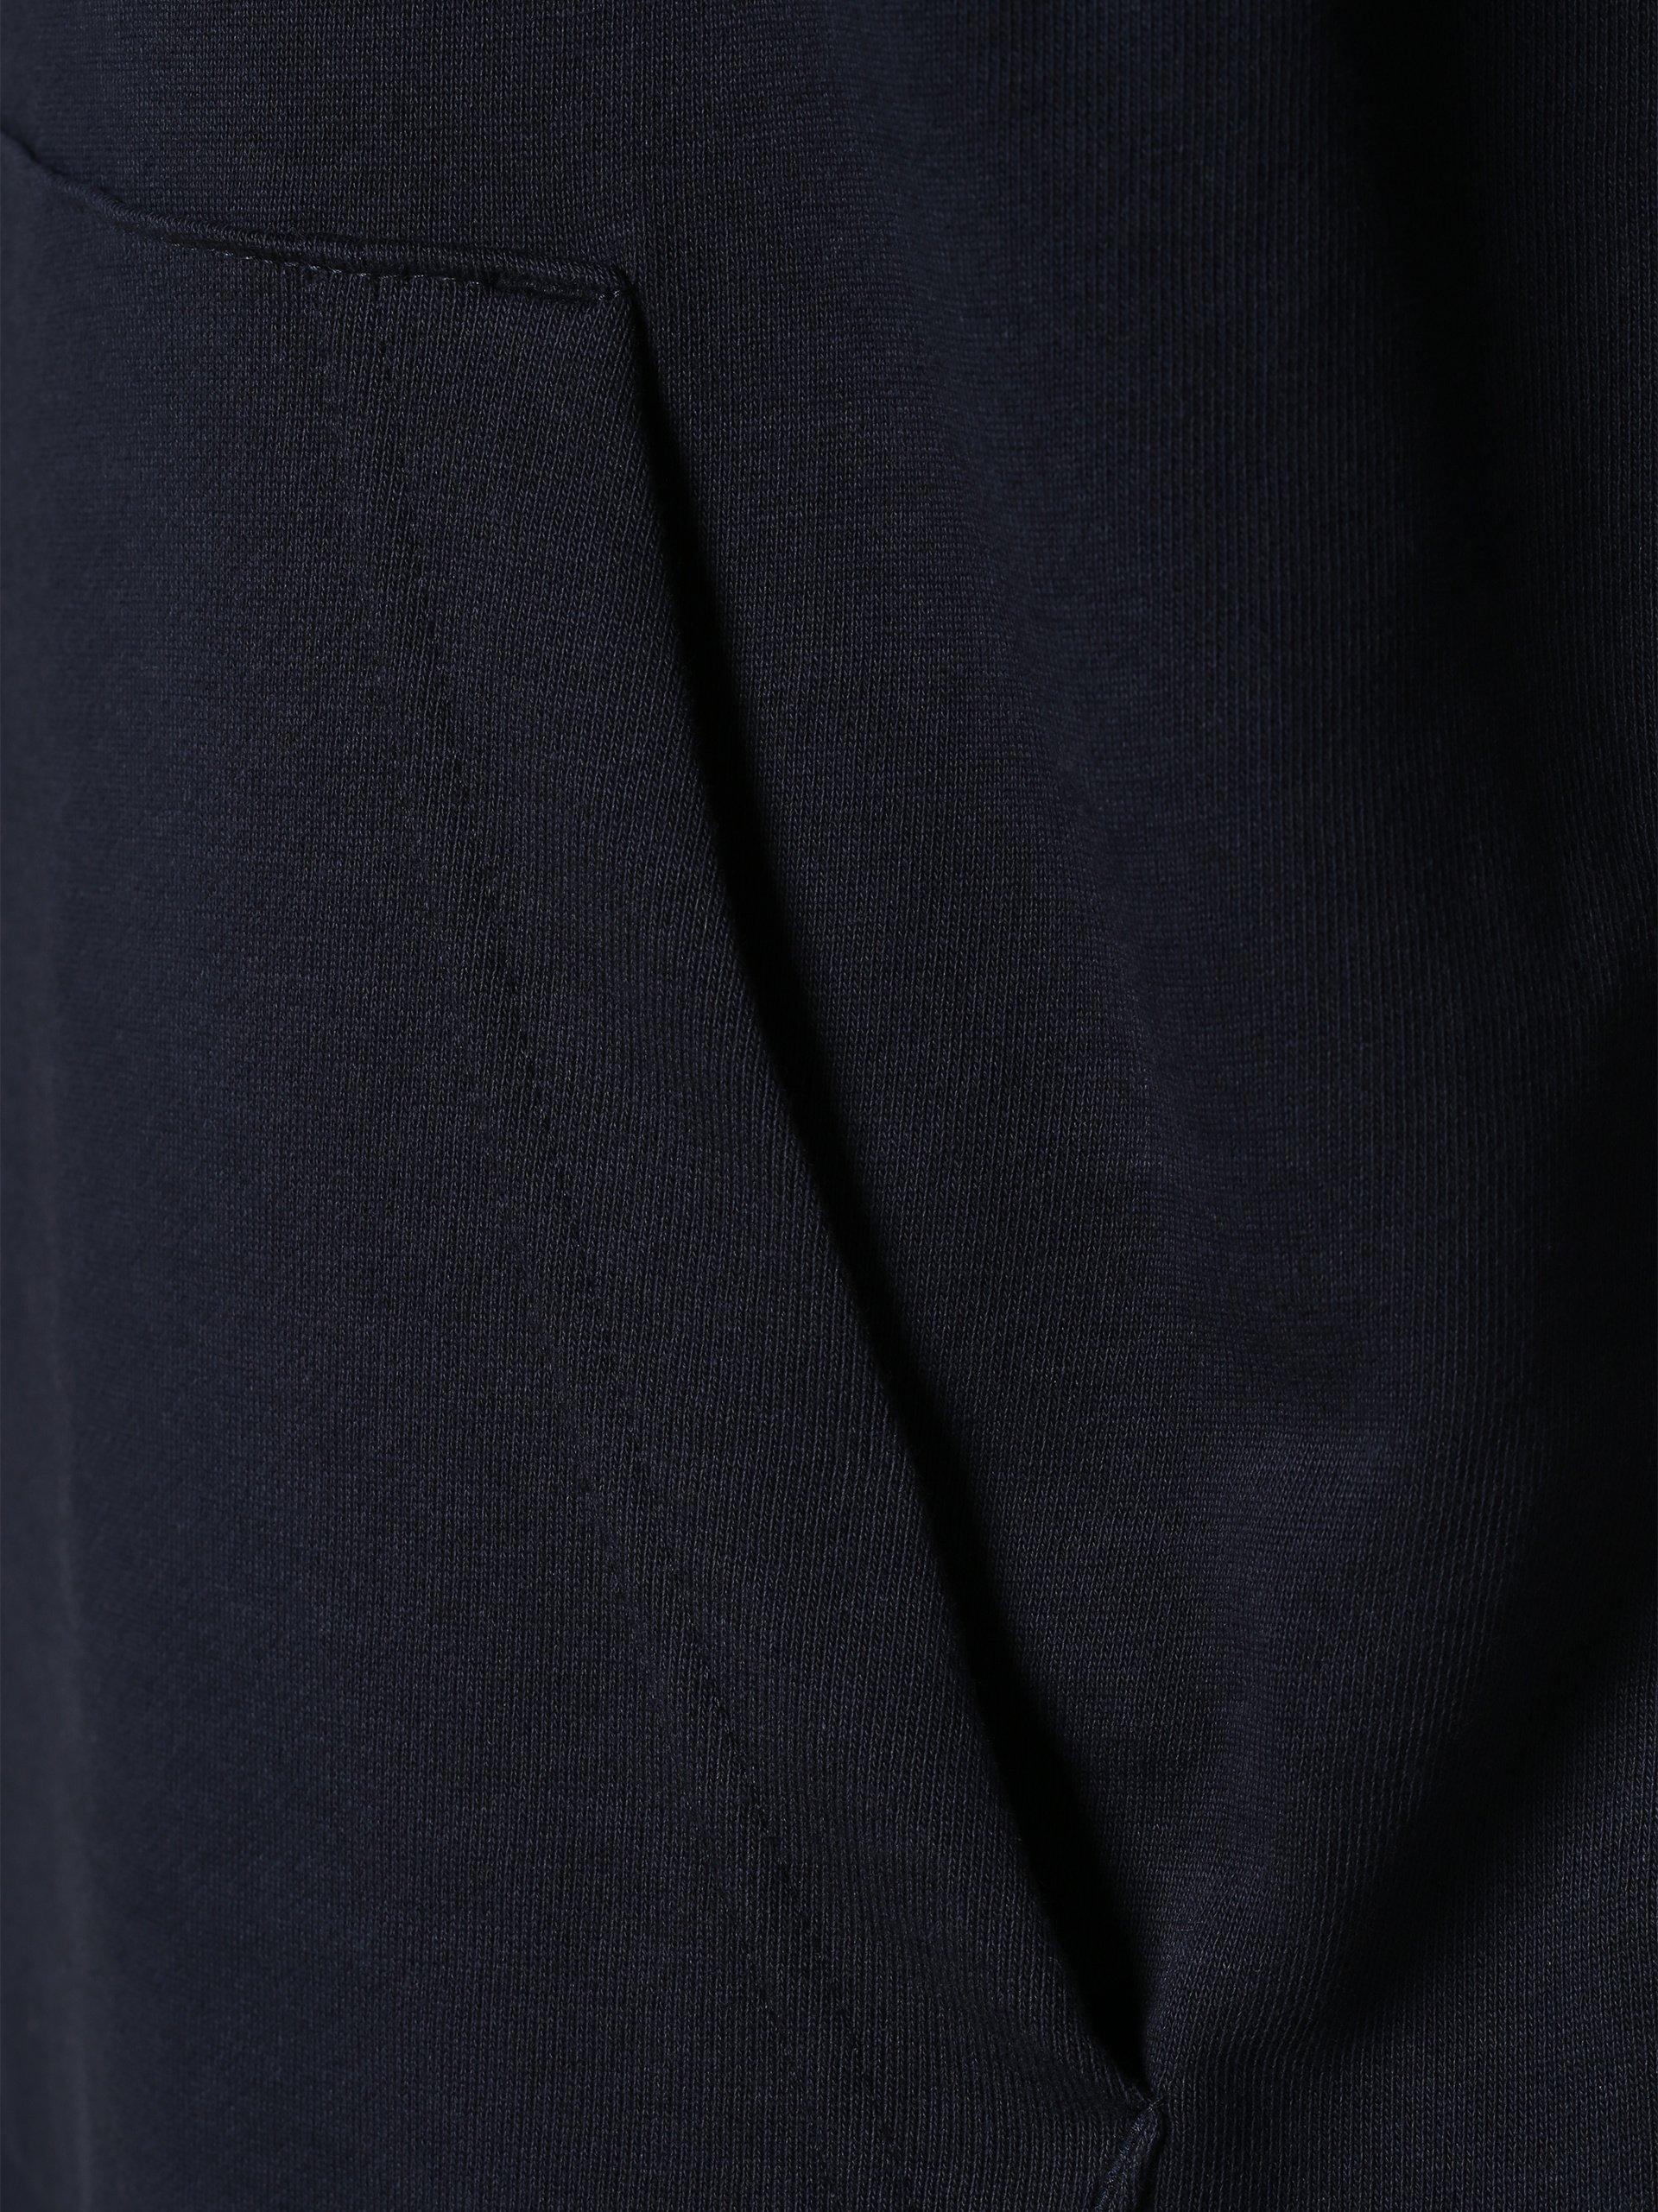 Jack & Jones Herren Sweatshirt - Jorcitysign